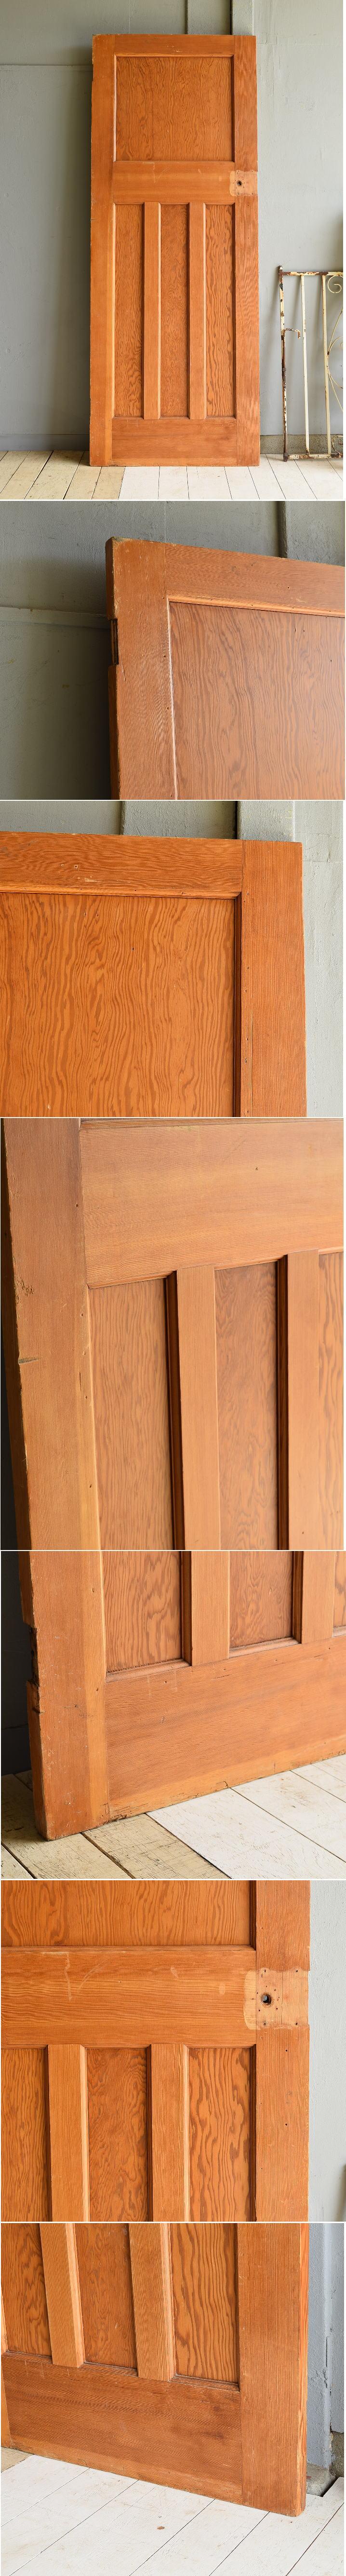 イギリス アンティーク パインドア 扉 建具 7045